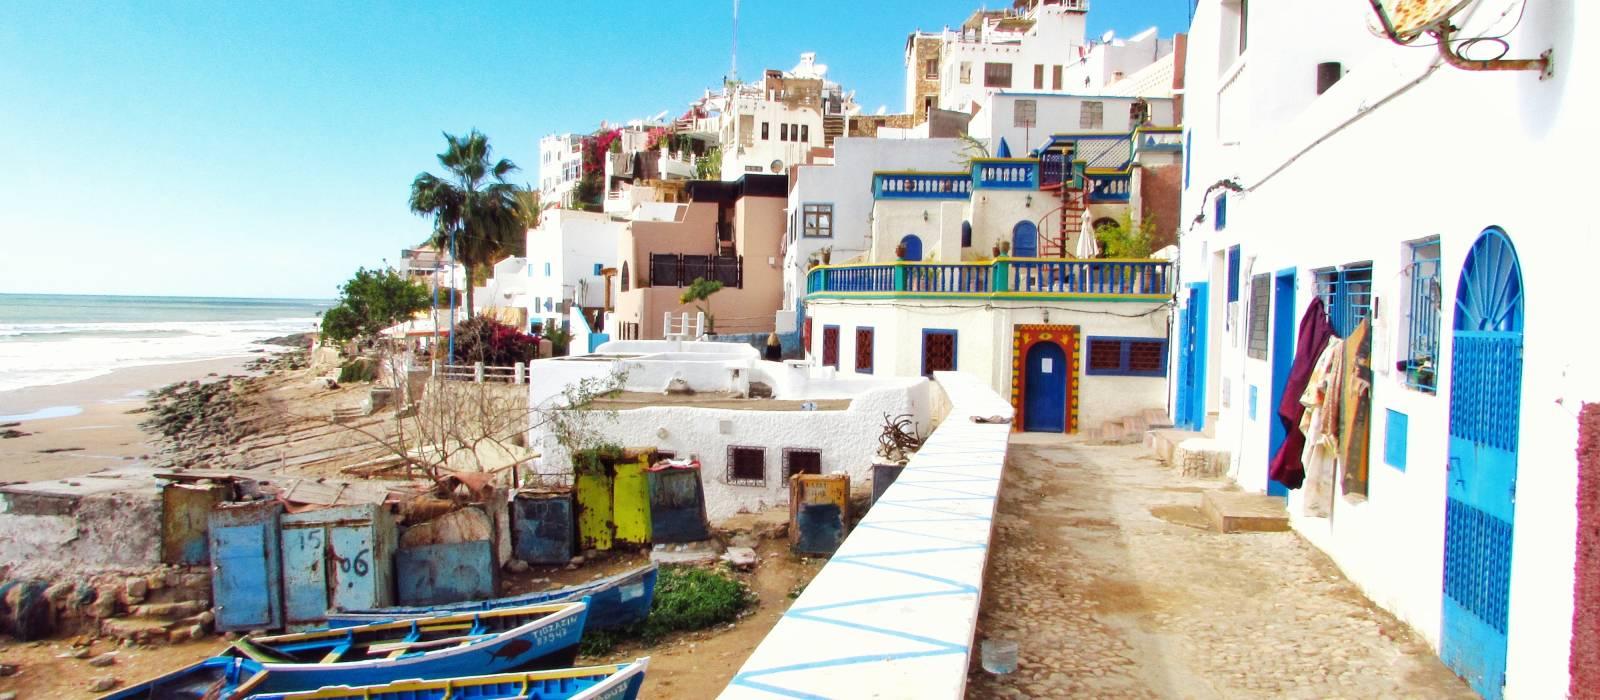 Südliches Marokko – Marrakesch und Atlantikküste Urlaub 1